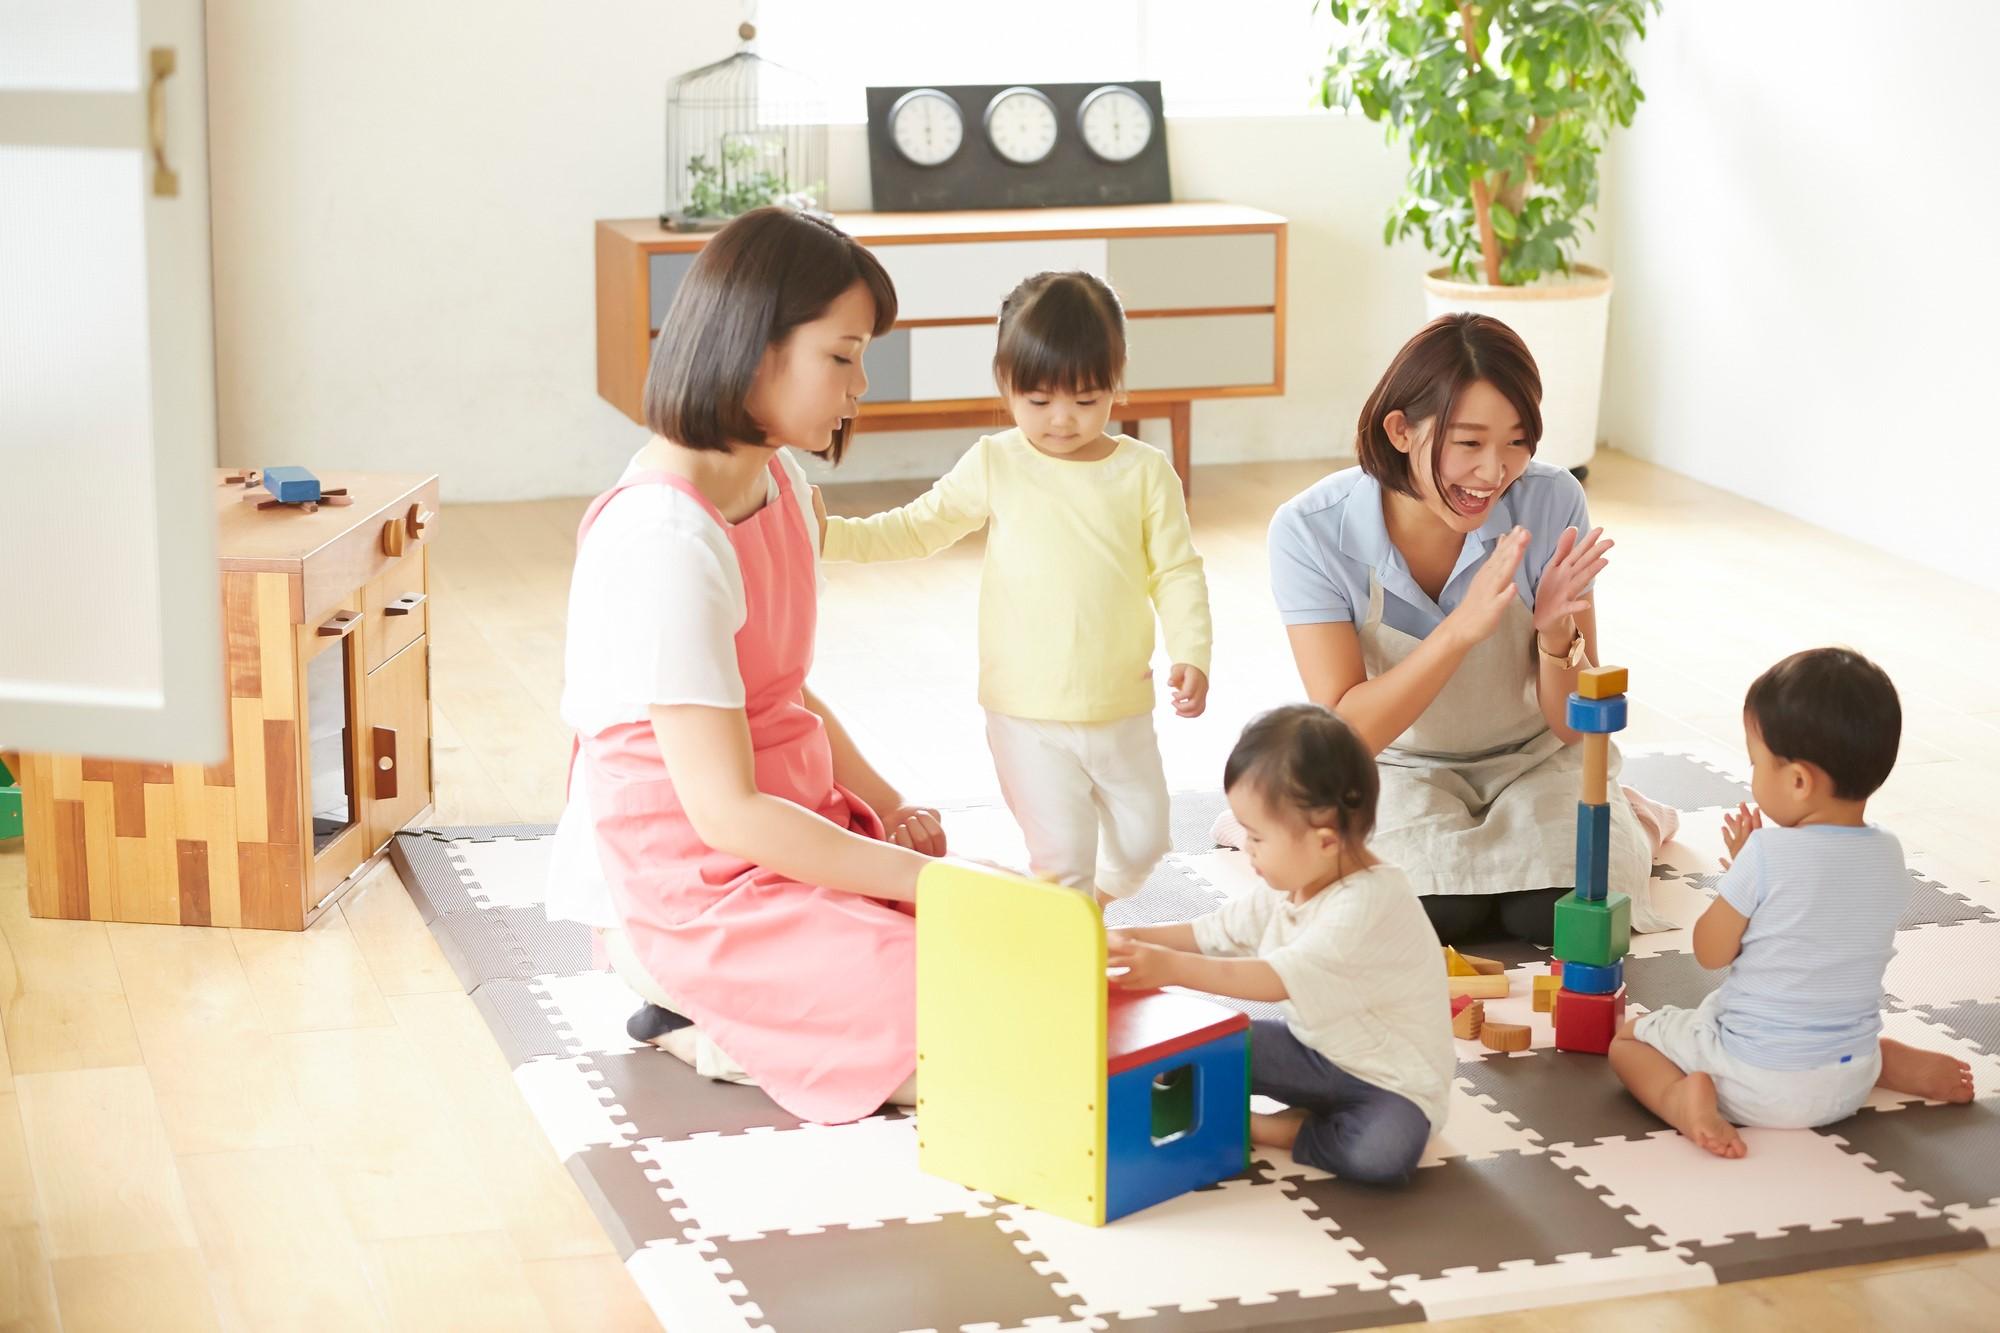 子供が保育園で遊ぶ写真